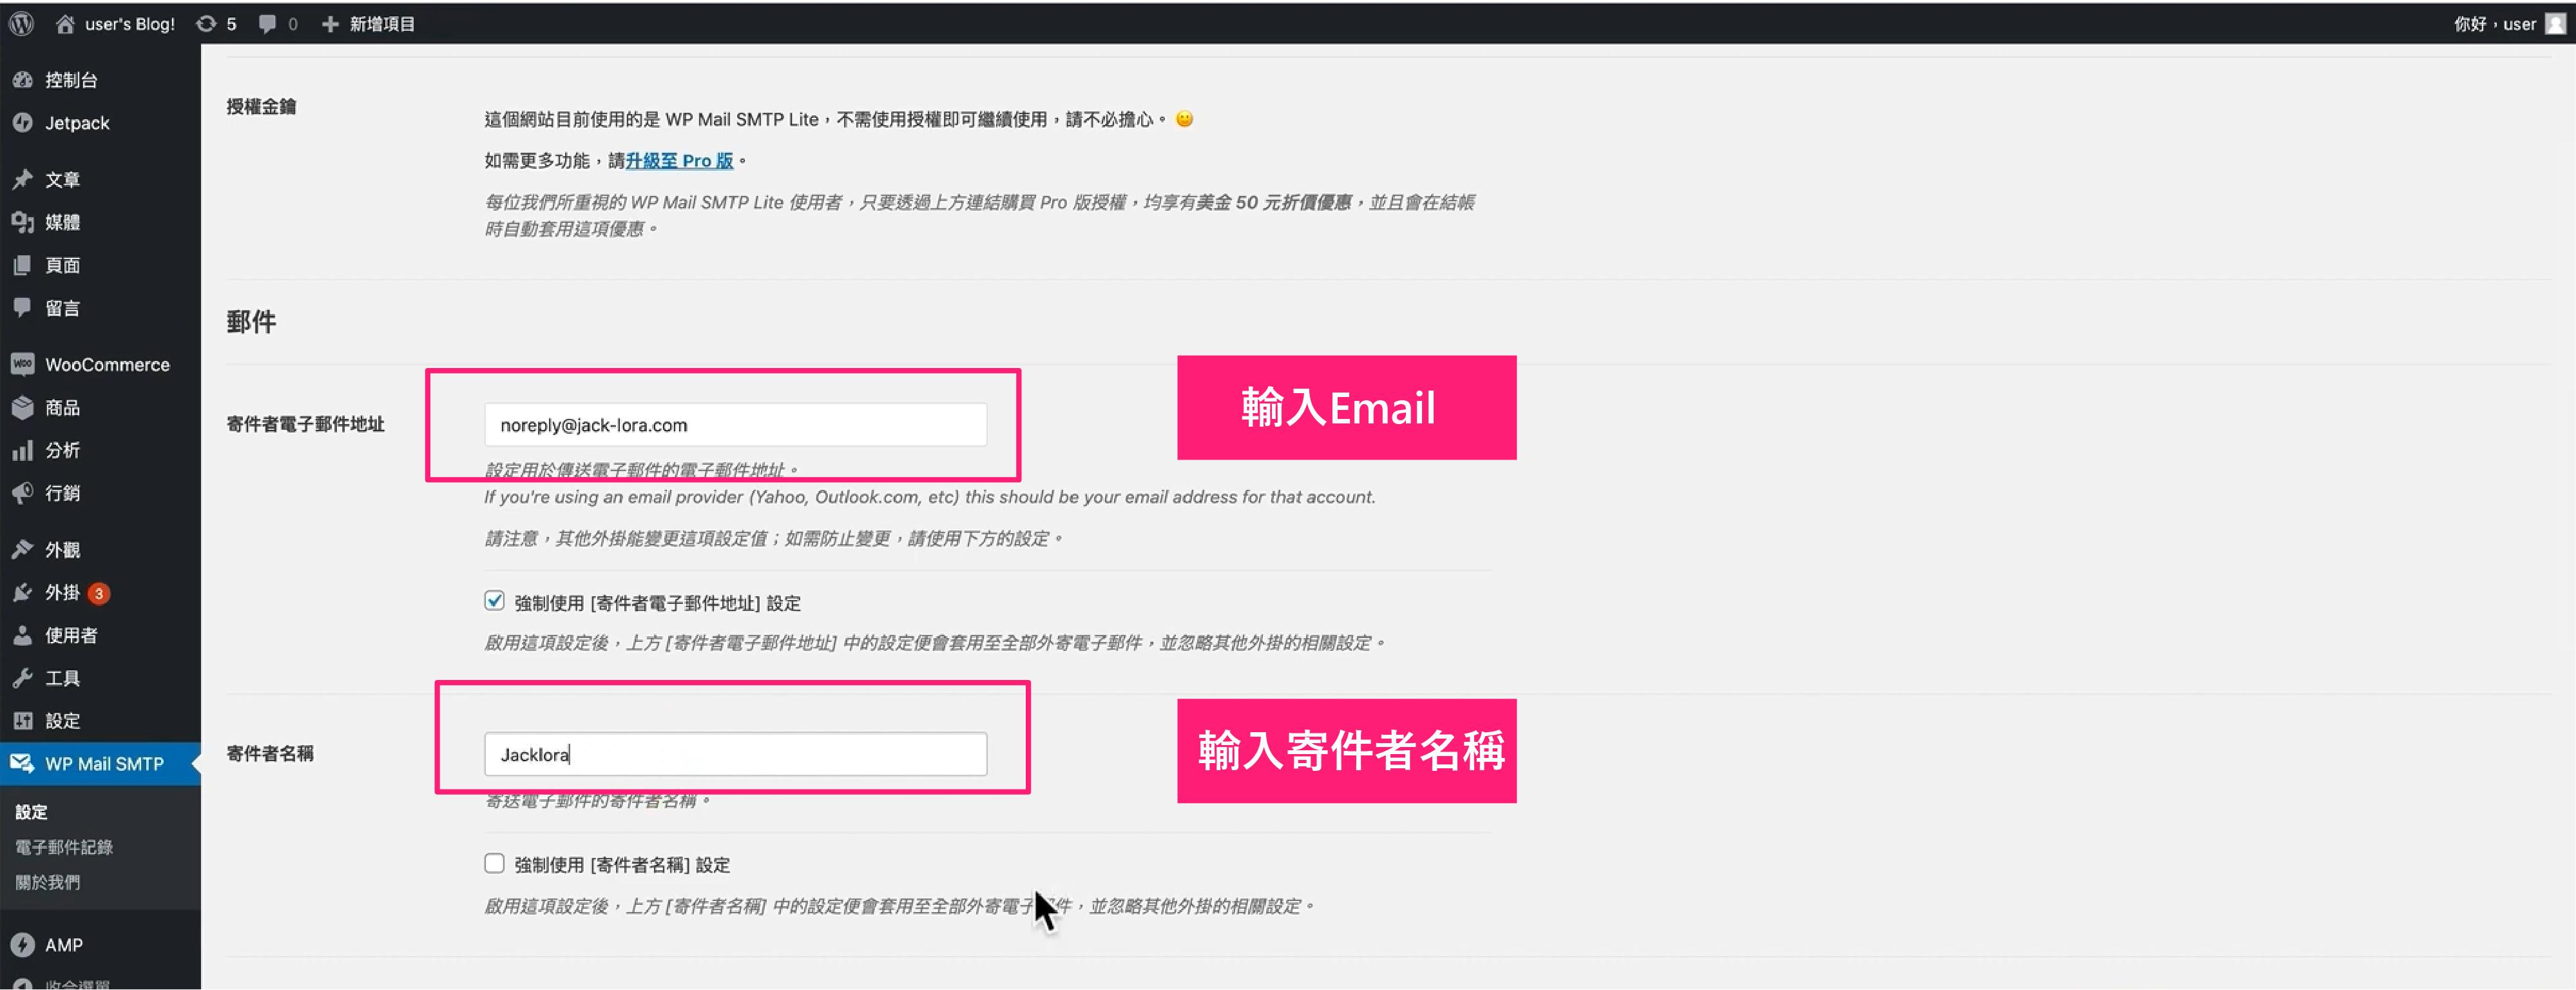 外贸网站搭建教程 - SendGrid邮件服务器邮件地址设置